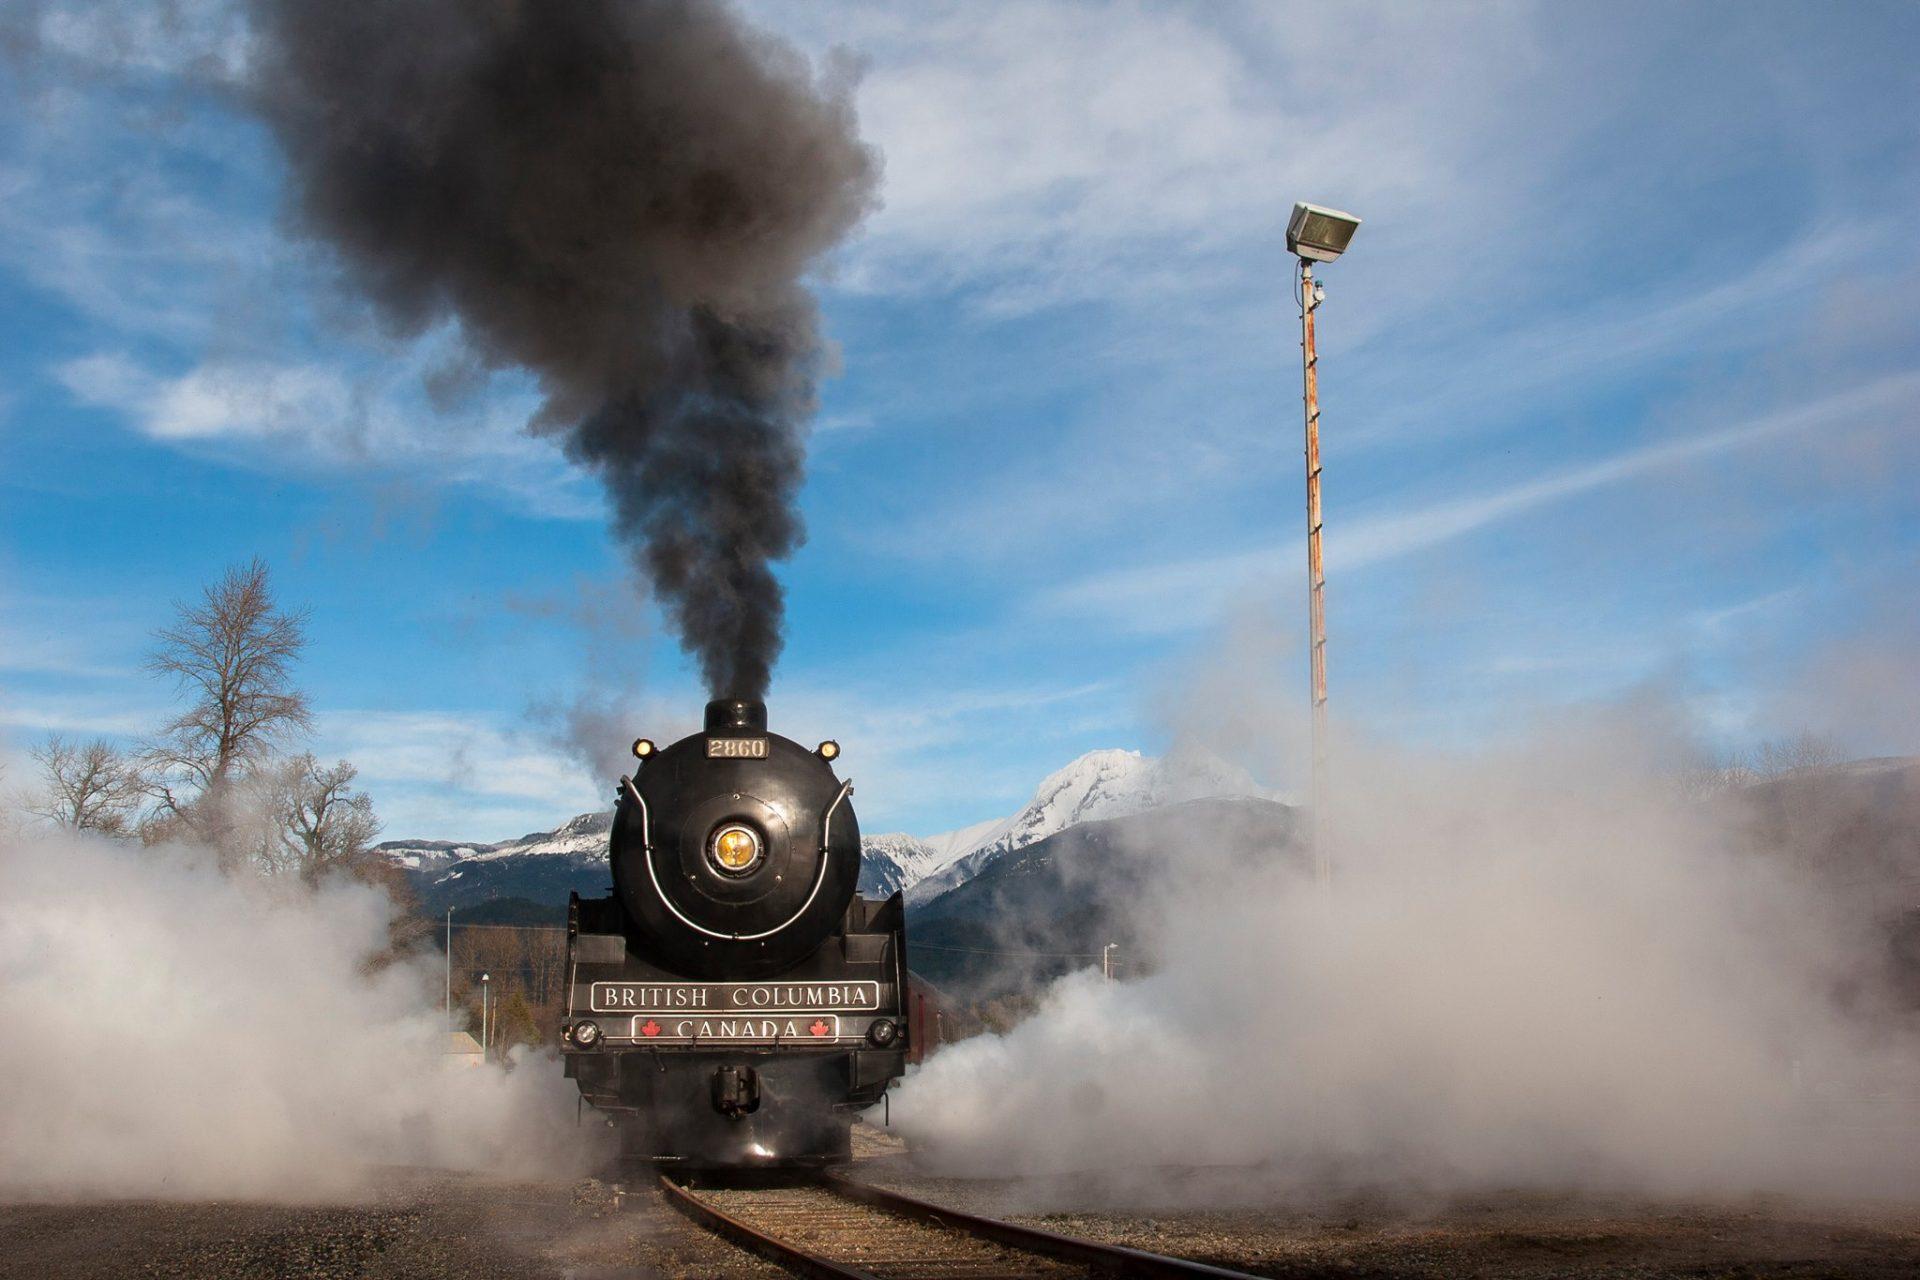 Railway in Squamish BC